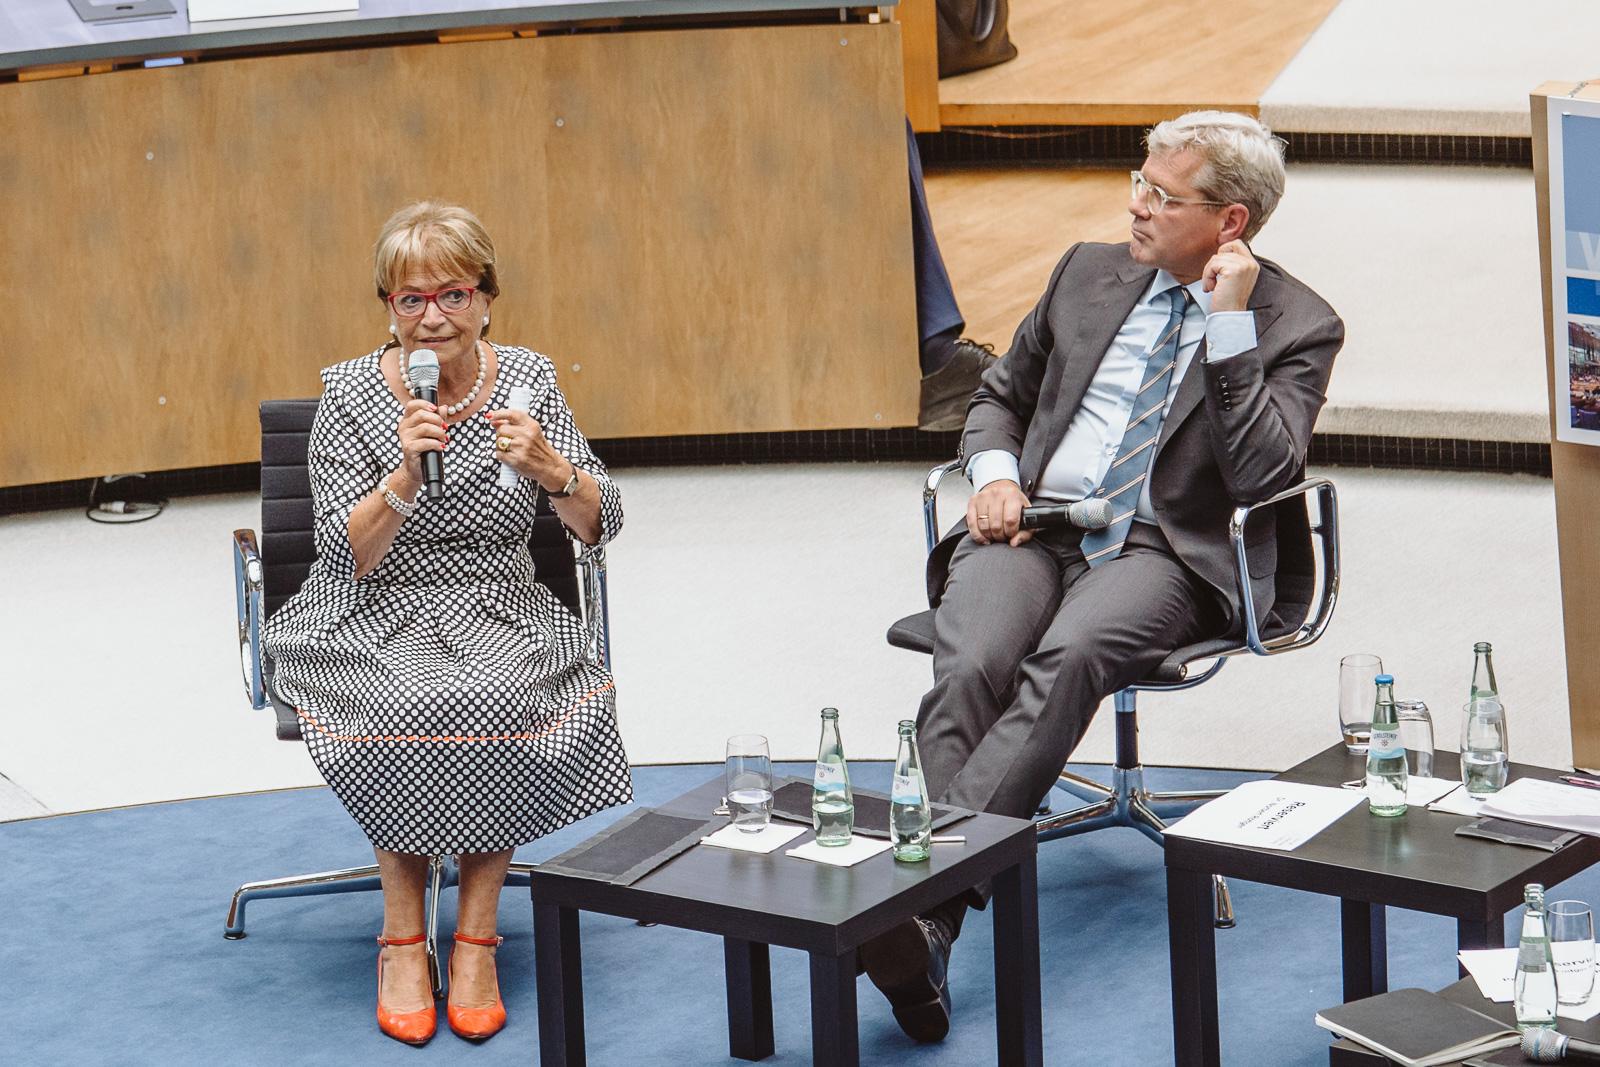 Konferenzfotografie - Dr. Norbert Röttgen hört zu - Wasserwerkgespräch der Konrad-Adenauer-Stifung